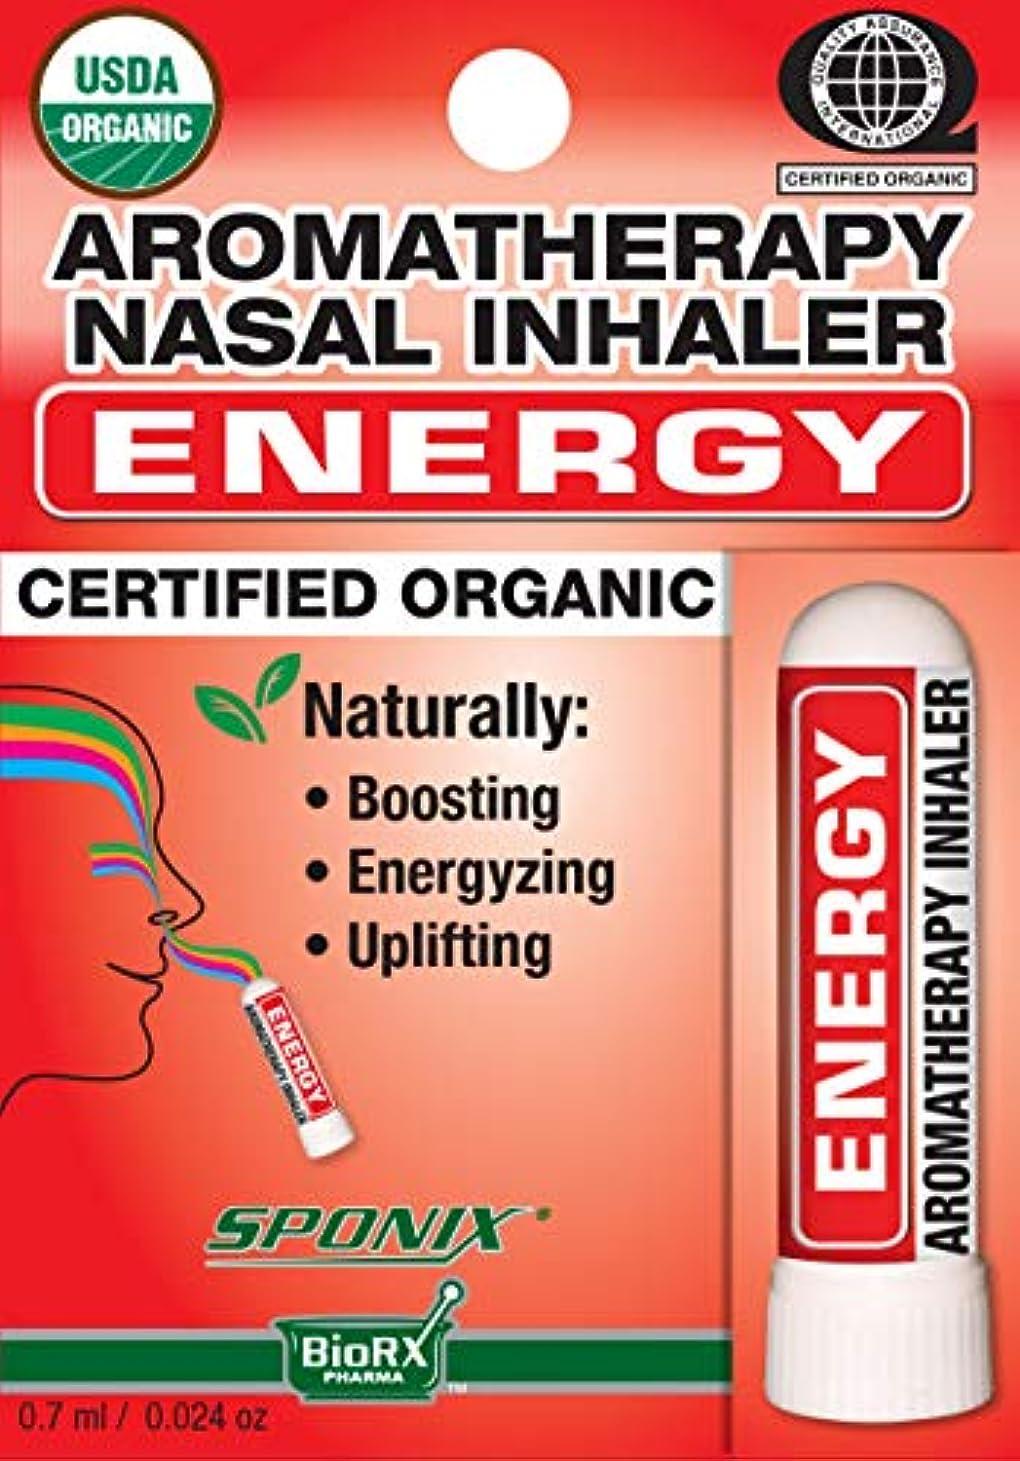 ヘッジ土砂降り忠実にSponixアロマテラピー鼻用吸入器 - エネルギー - 0.7 mL - USDAオーガニック、100%純粋な天然精油から作られた